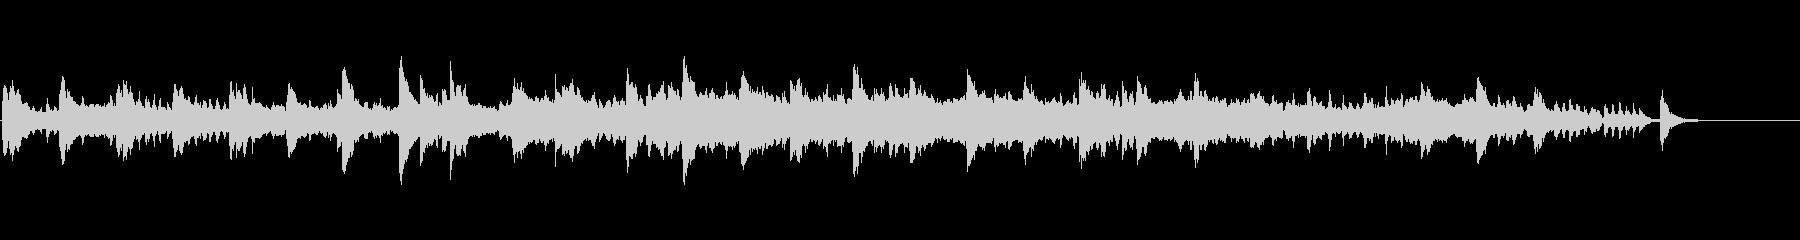 可愛らしく明るい曲2(CM・VLOG)の未再生の波形